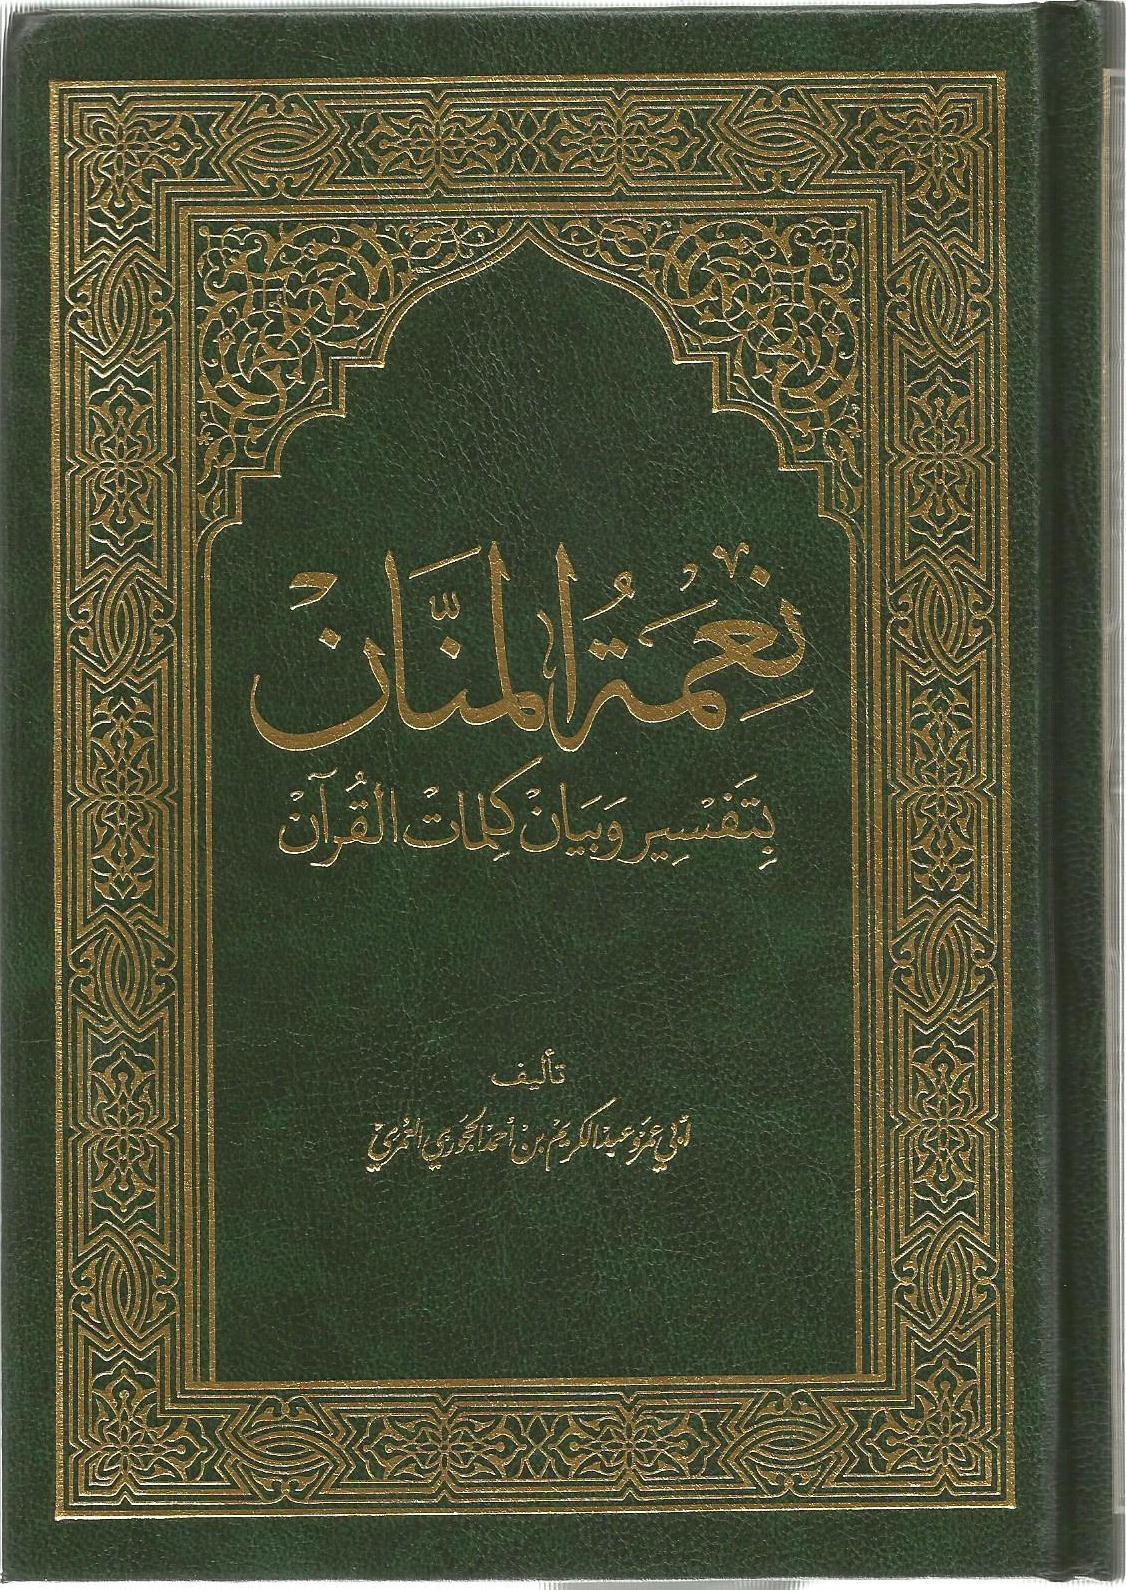 نعمة المنان بتفسير وبيان كلمات القرآن